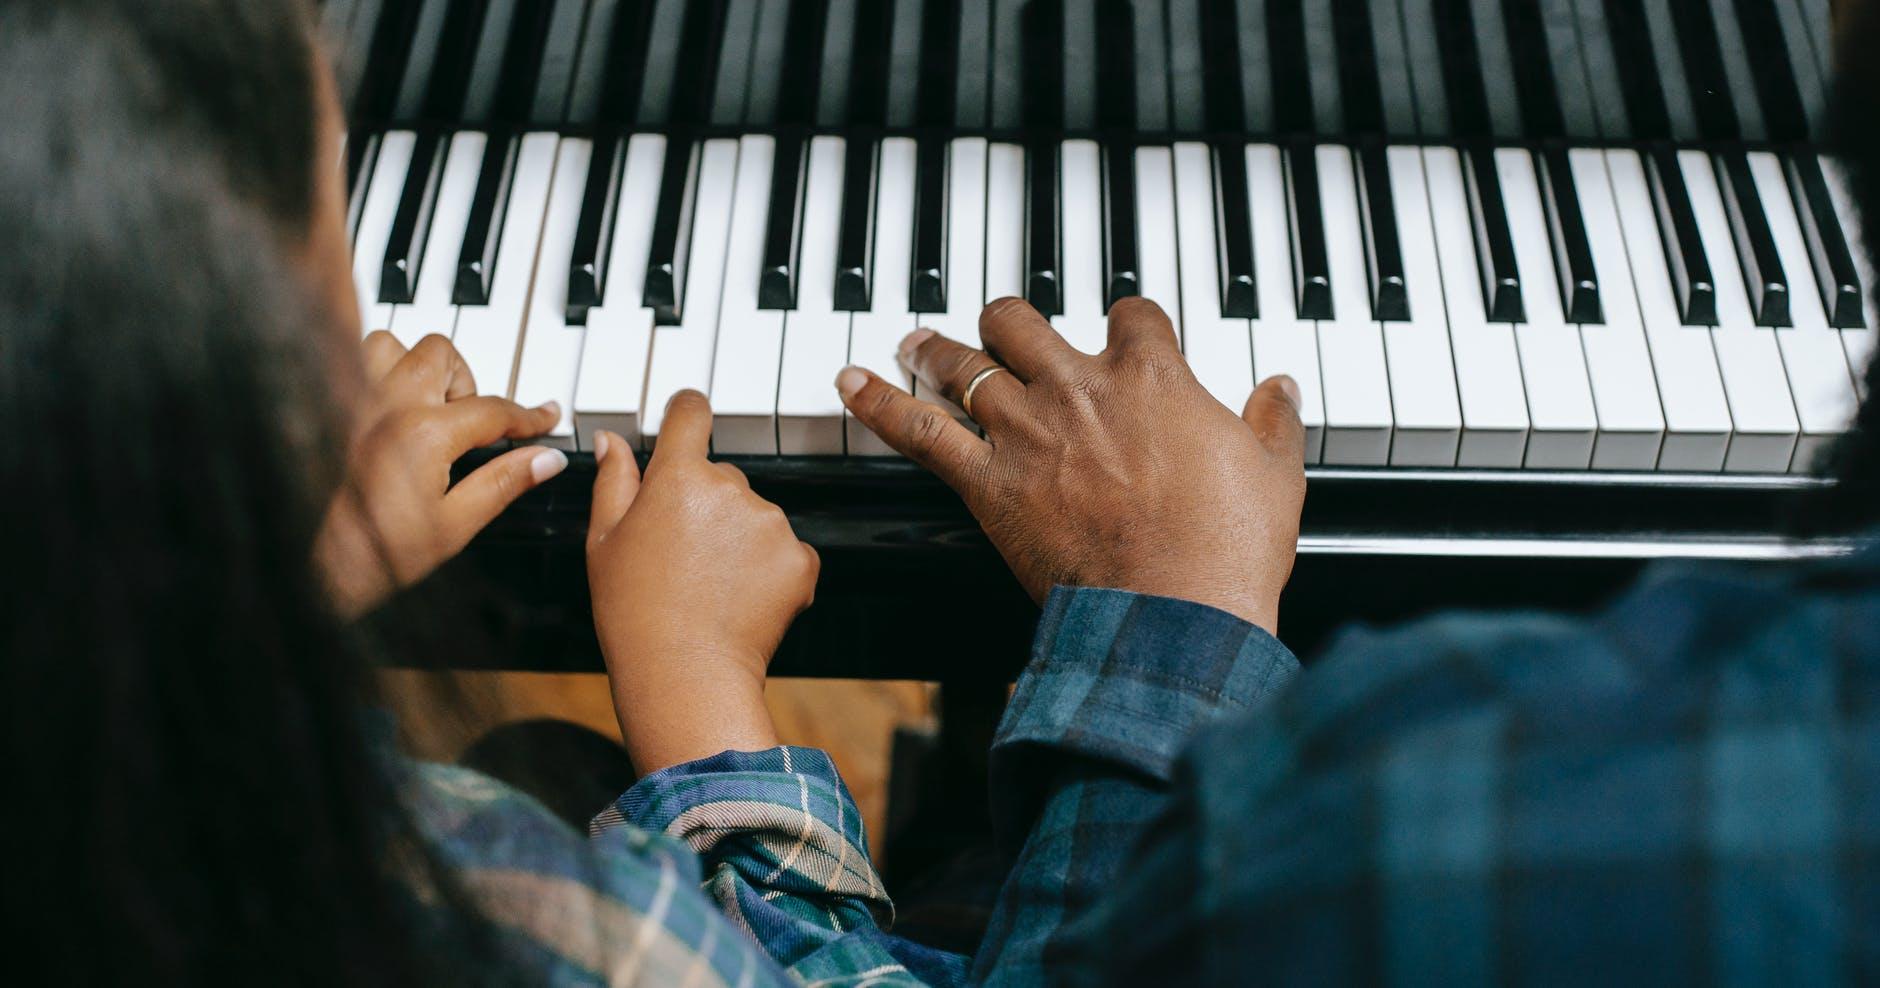 deux personnes entrain de jouer du piano